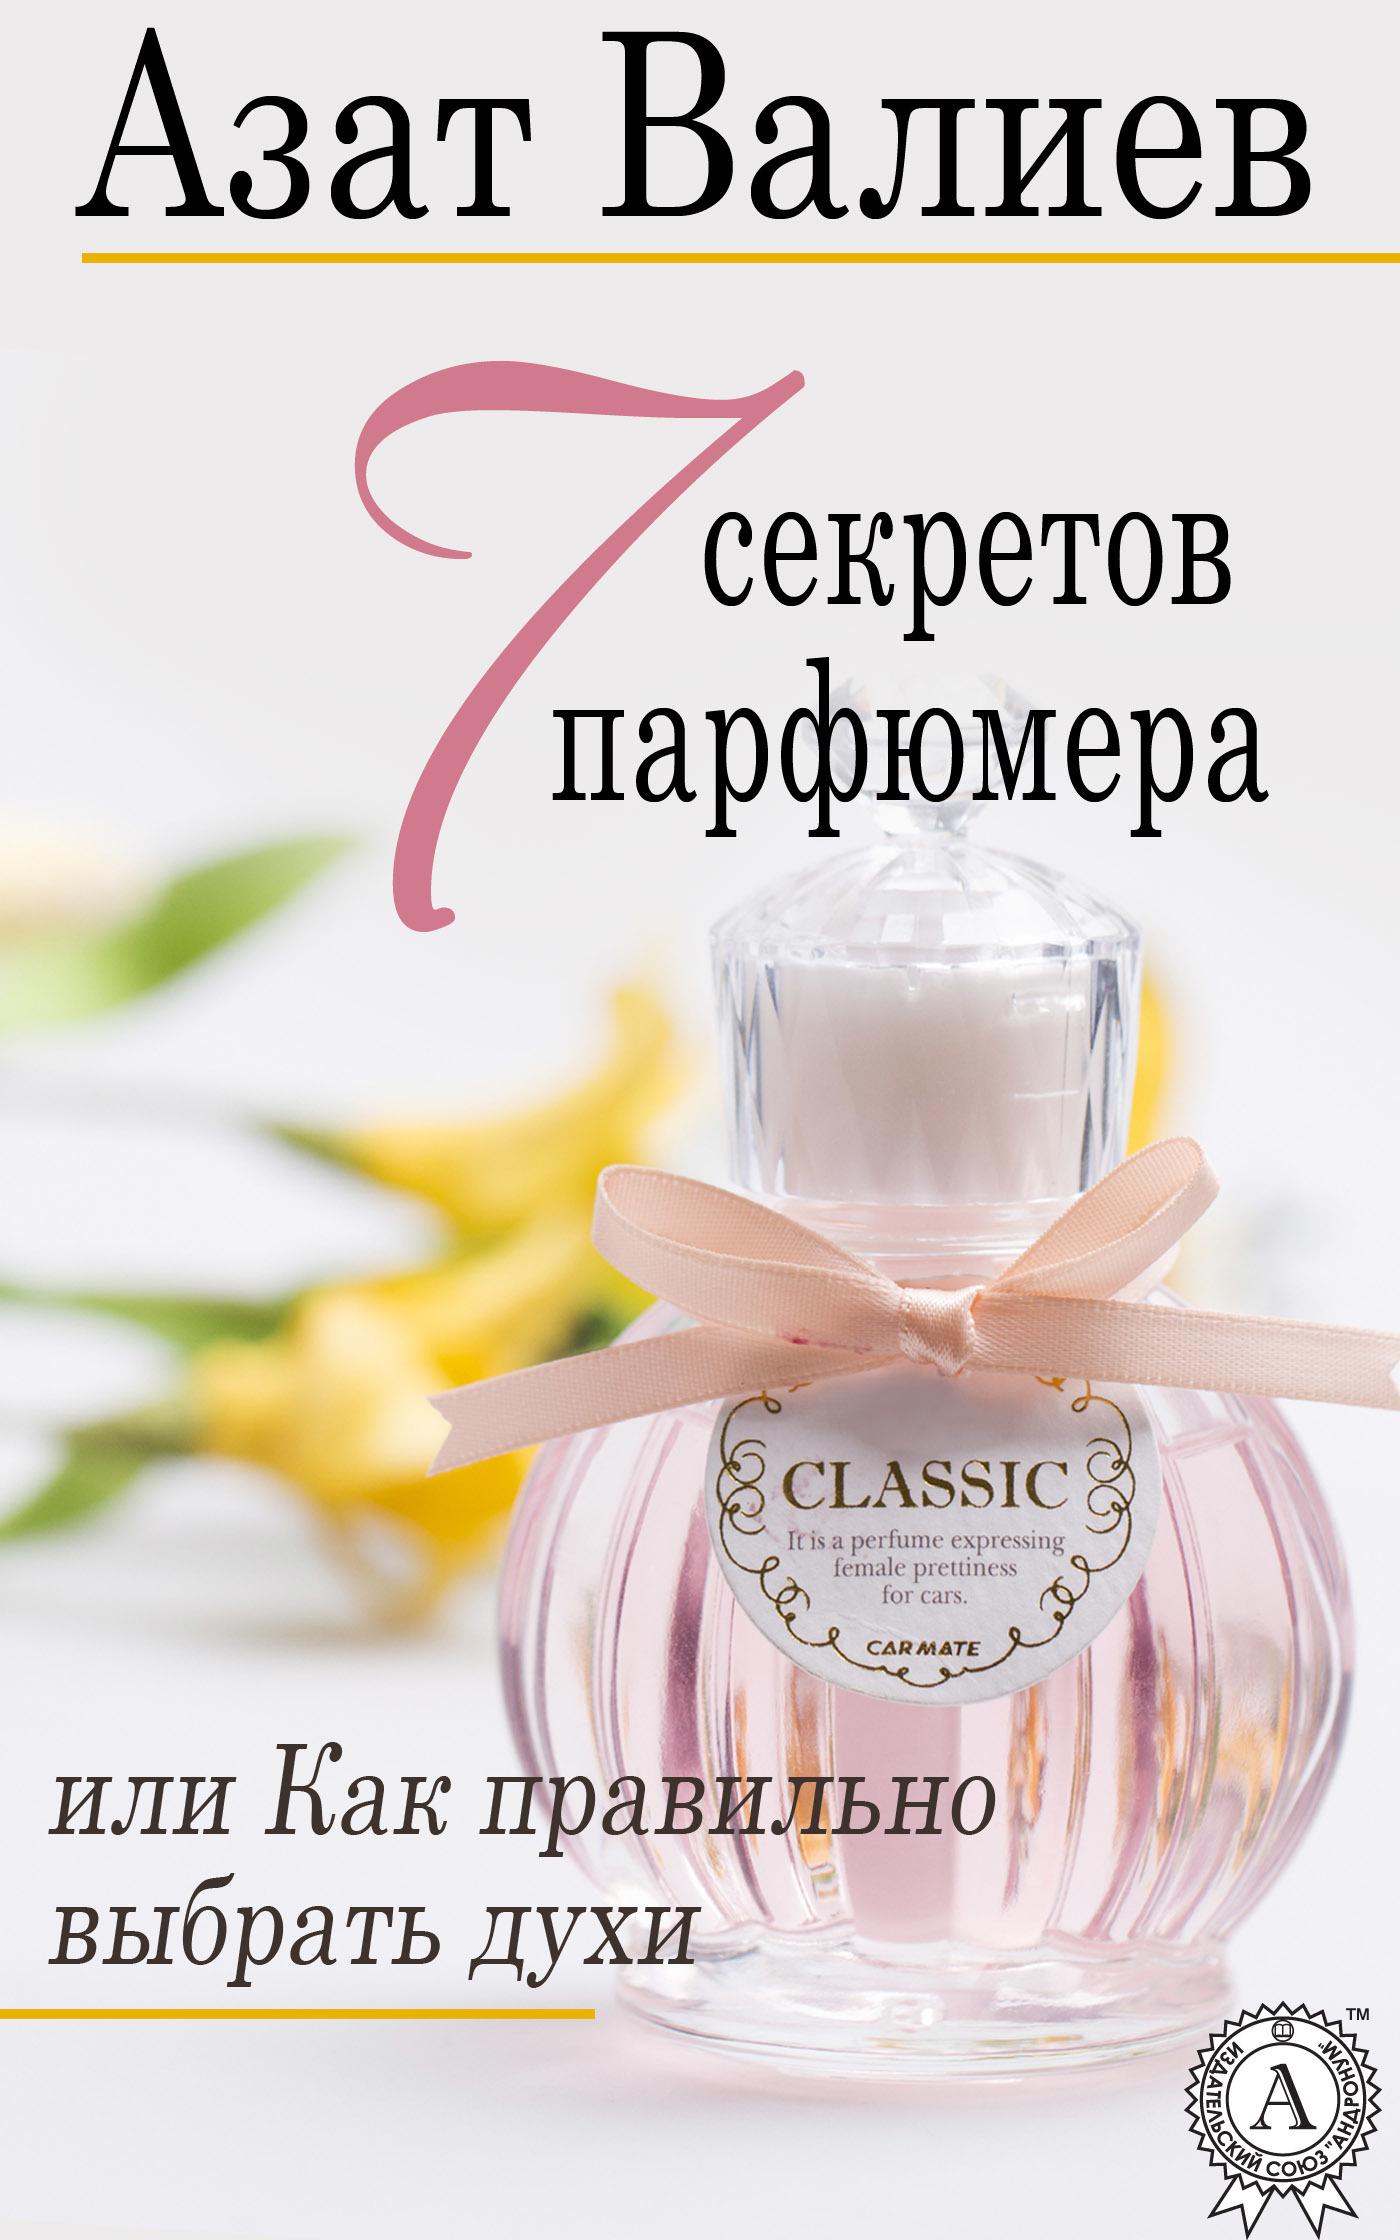 7секретов парфюмера, или Как правильно выбрать духи